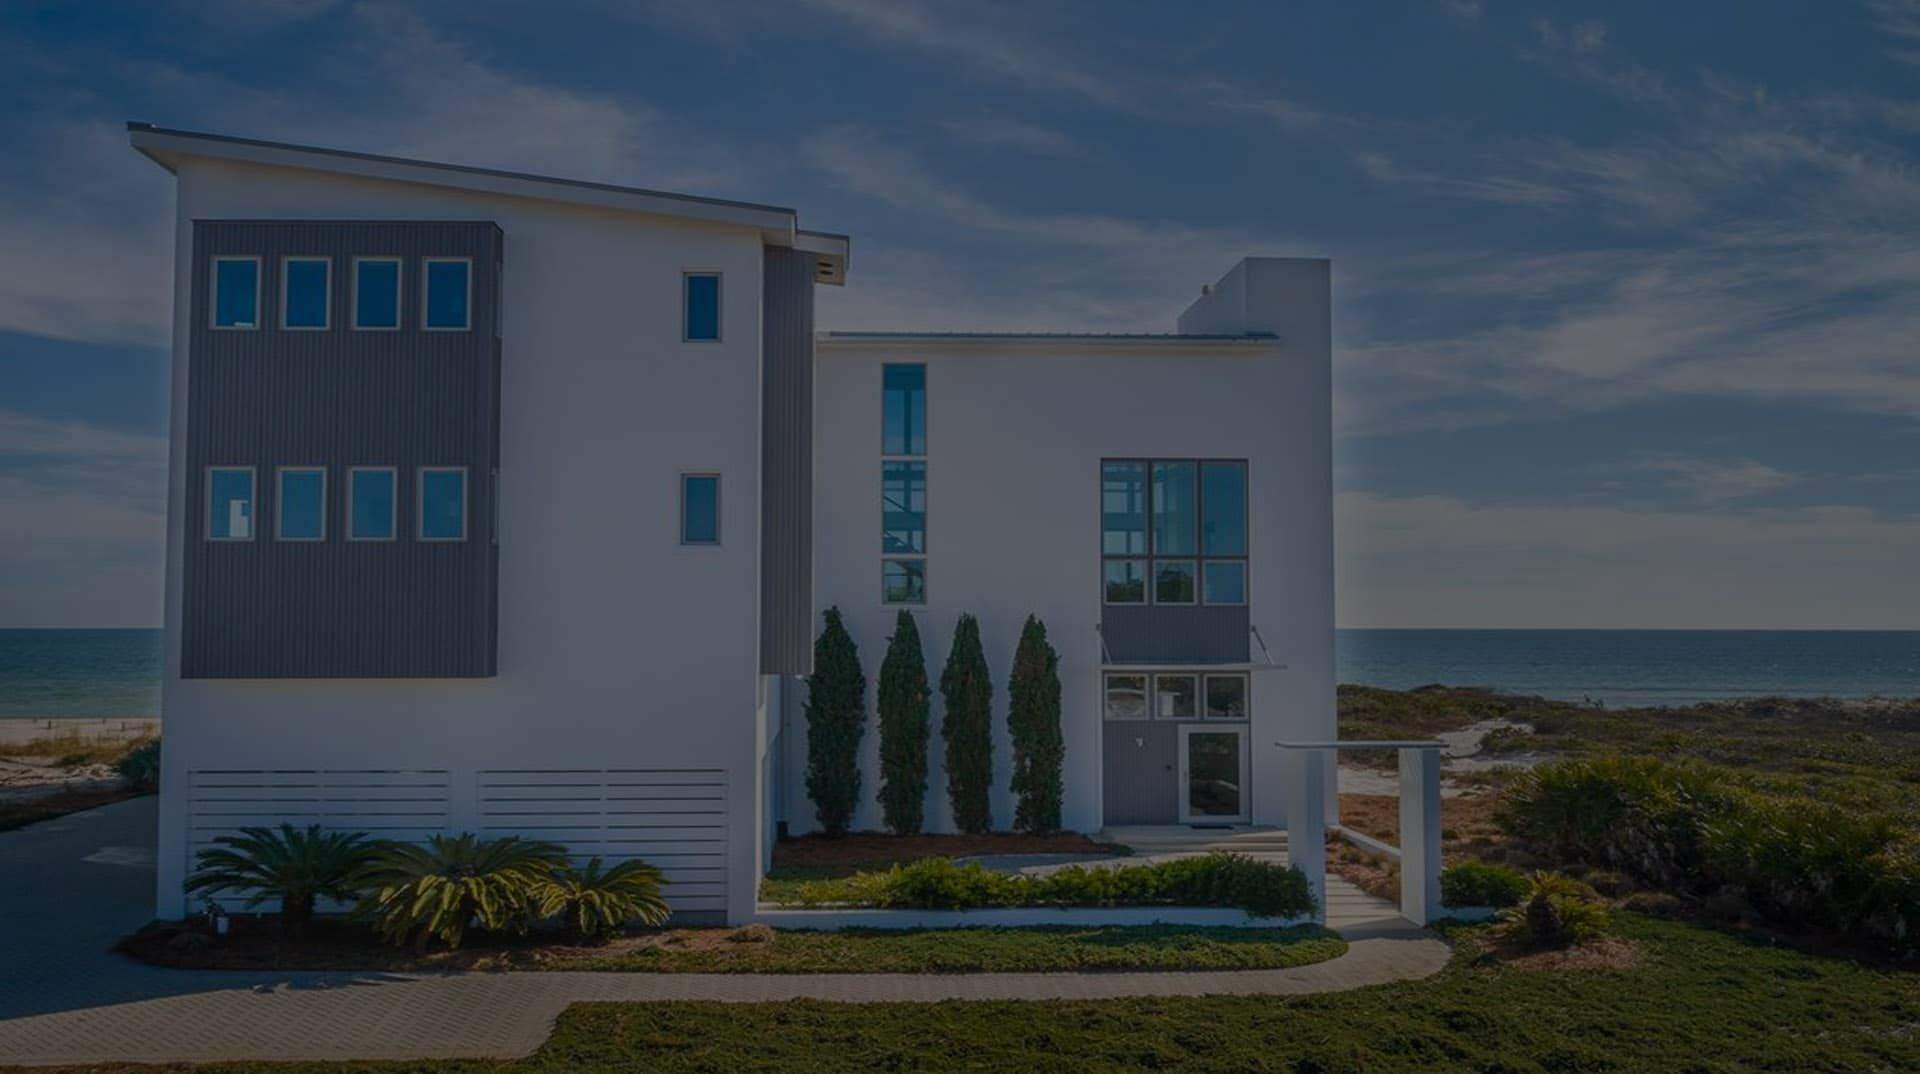 st. george island mortgage, st. george island mortgage rates, st. george island mortgage broker, st. george island mortgage lender, st. george island mortgage company, st. george island mortgage calculator,